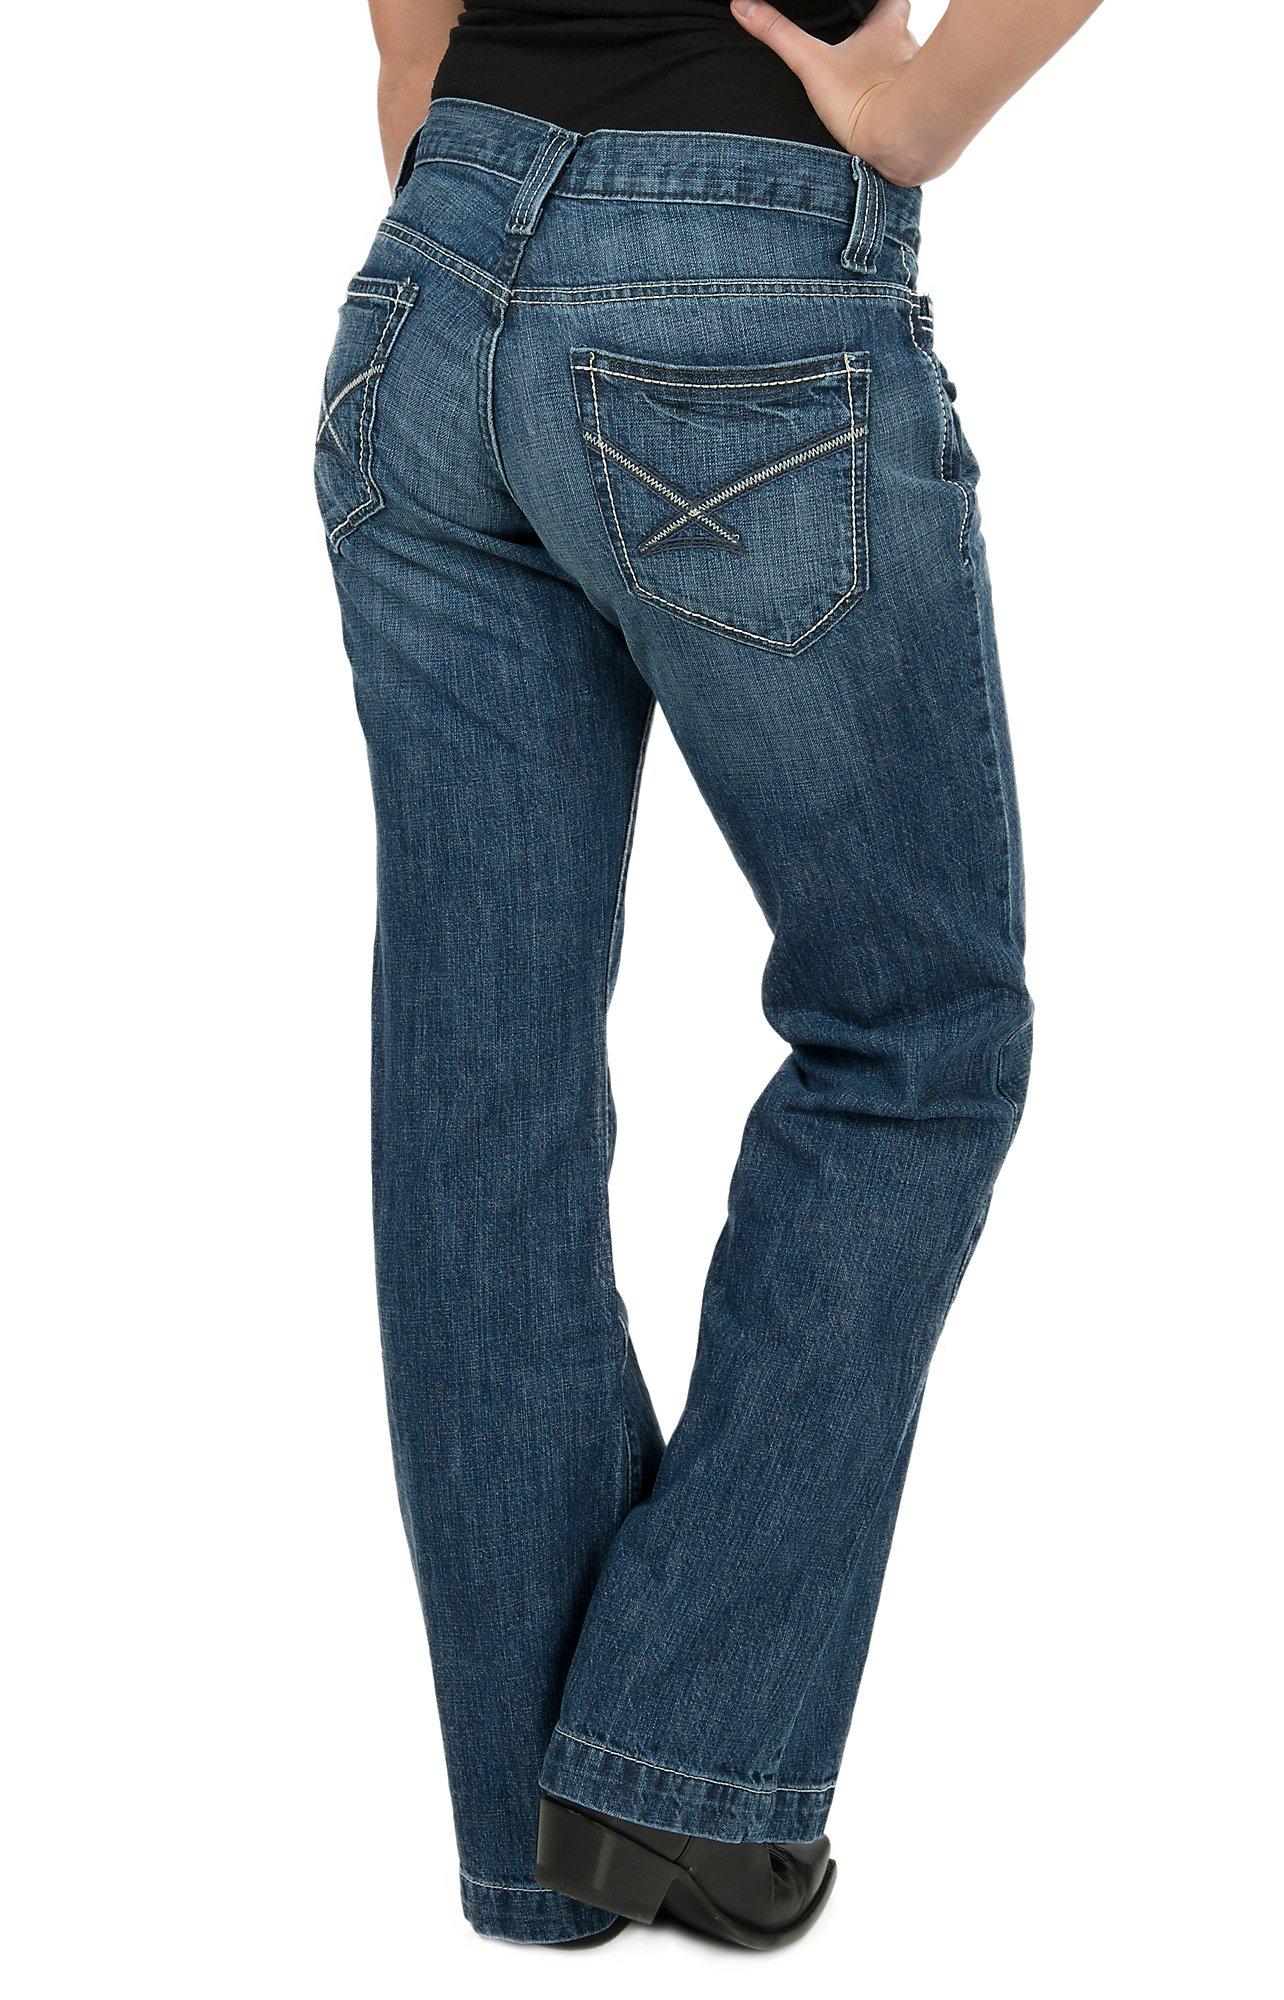 Cinch Women's Bailey Trouser Jean | Cavender's